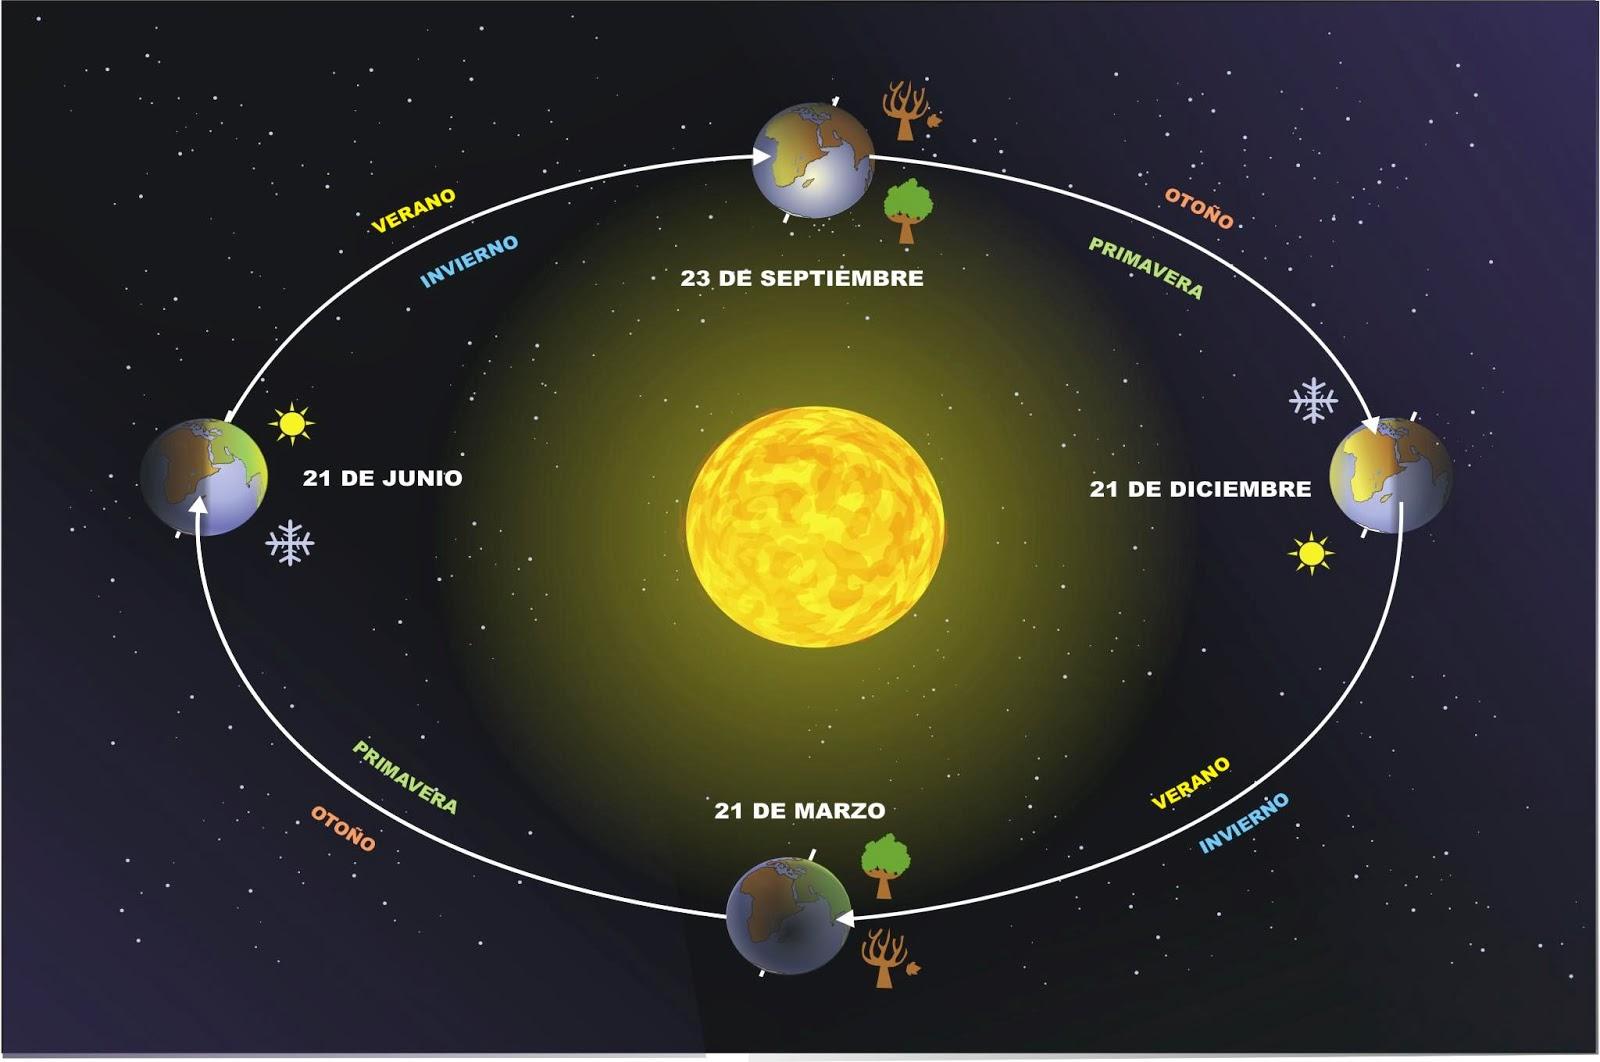 Traslaci n y rotaci n recursos did cticos artemangie for En que ciclo lunar estamos hoy